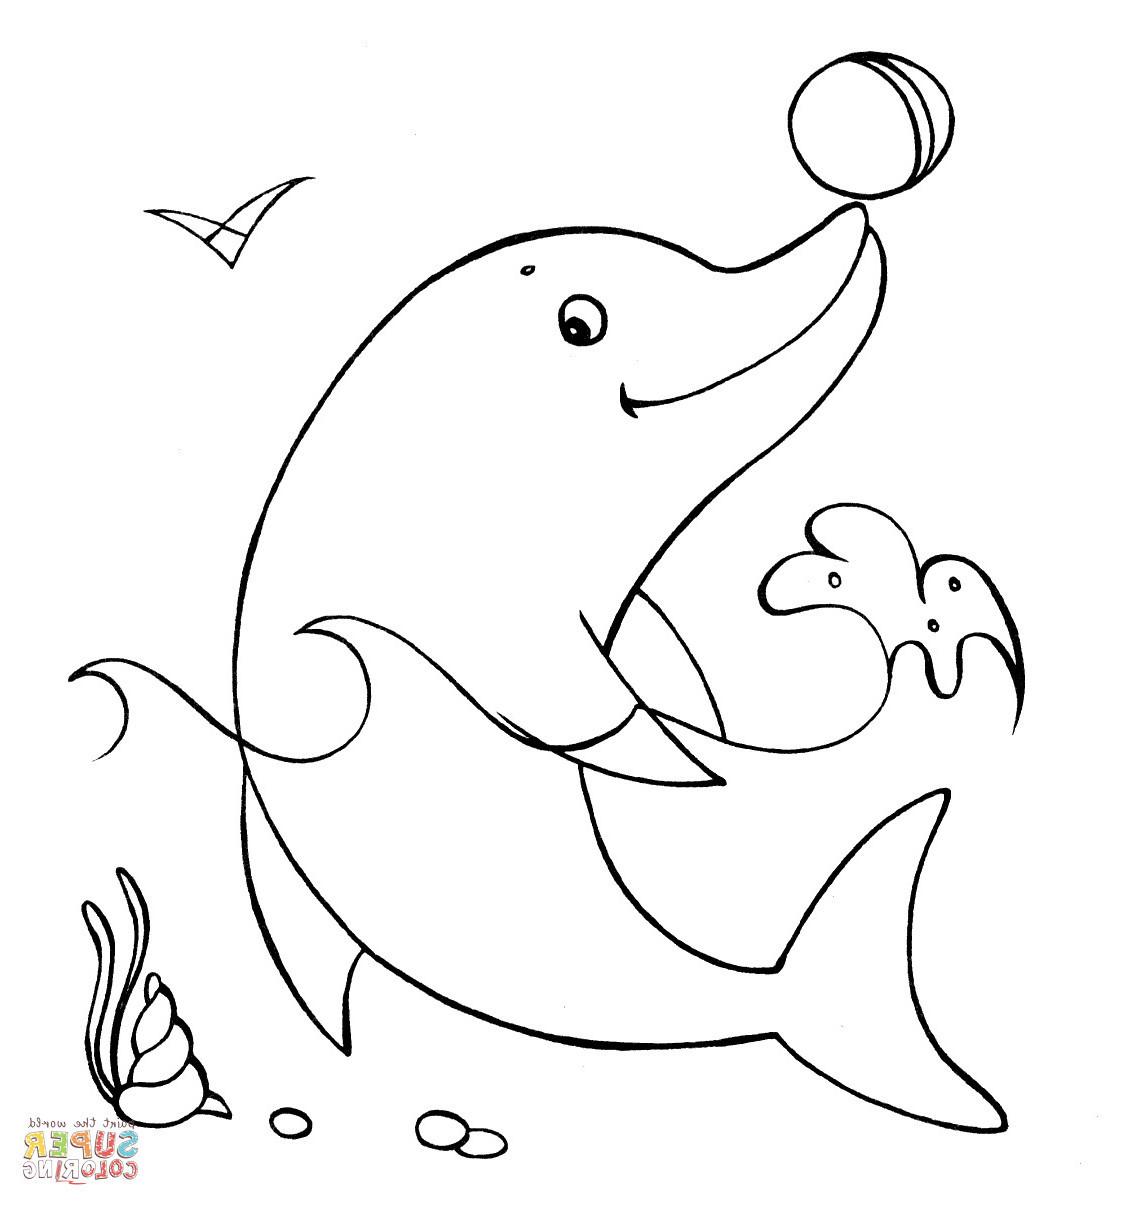 Ausmalbilder Meerjungfrau Mit Delfin Das Beste Von 34 Einzigartig Delfin Ausmalbilder – Große Coloring Page Sammlung Fotos